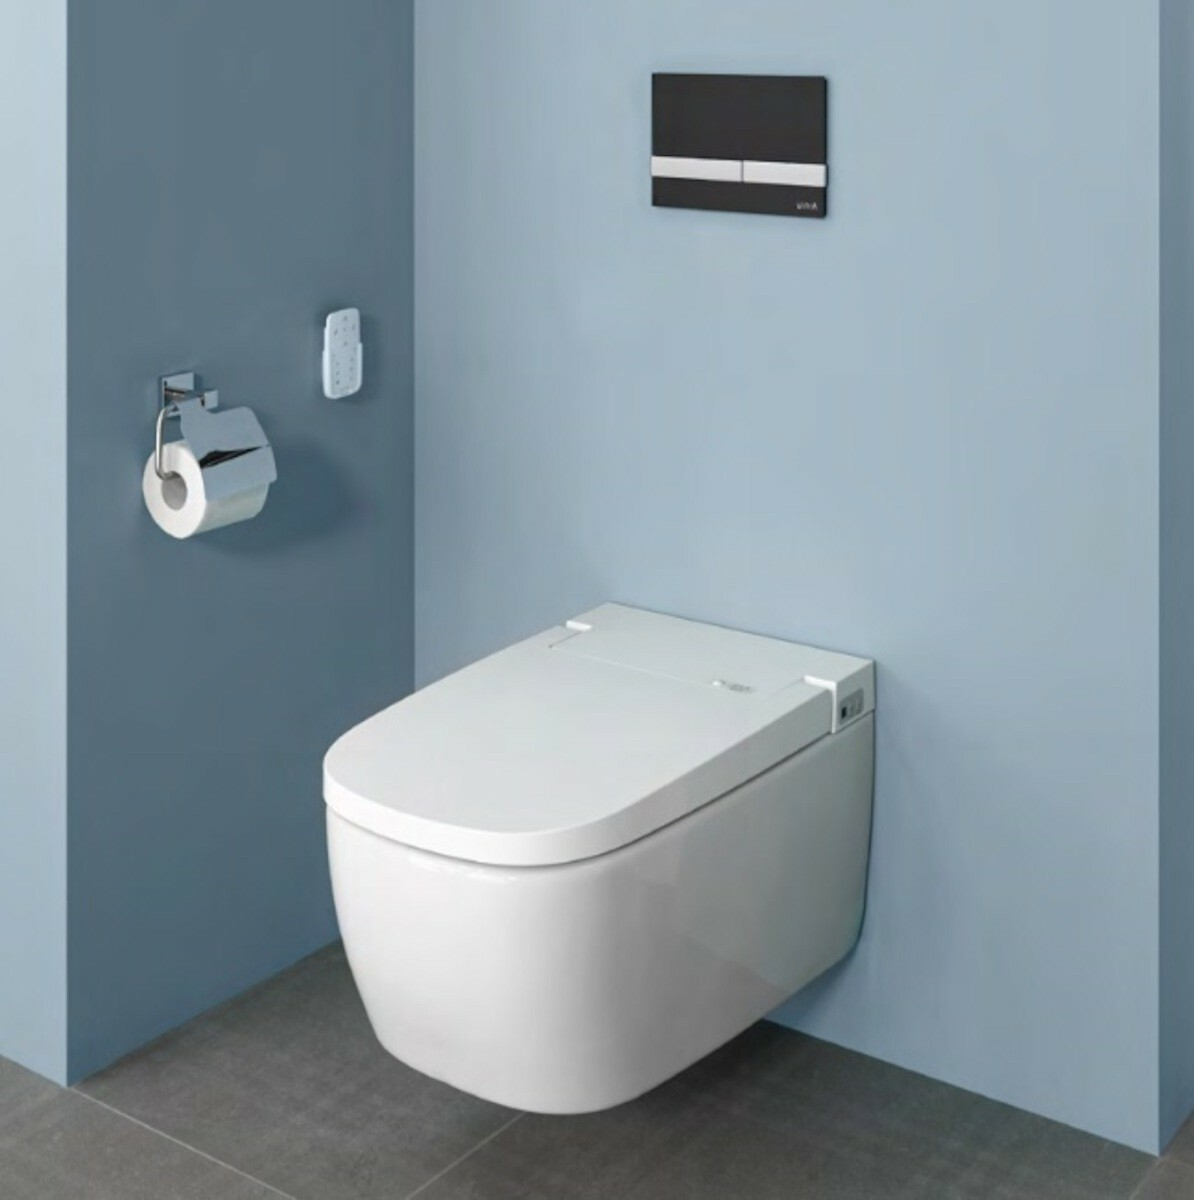 Vitra V CARE 1.1 basic bidet + wc, dálkový ovladač, 5674B003-6193